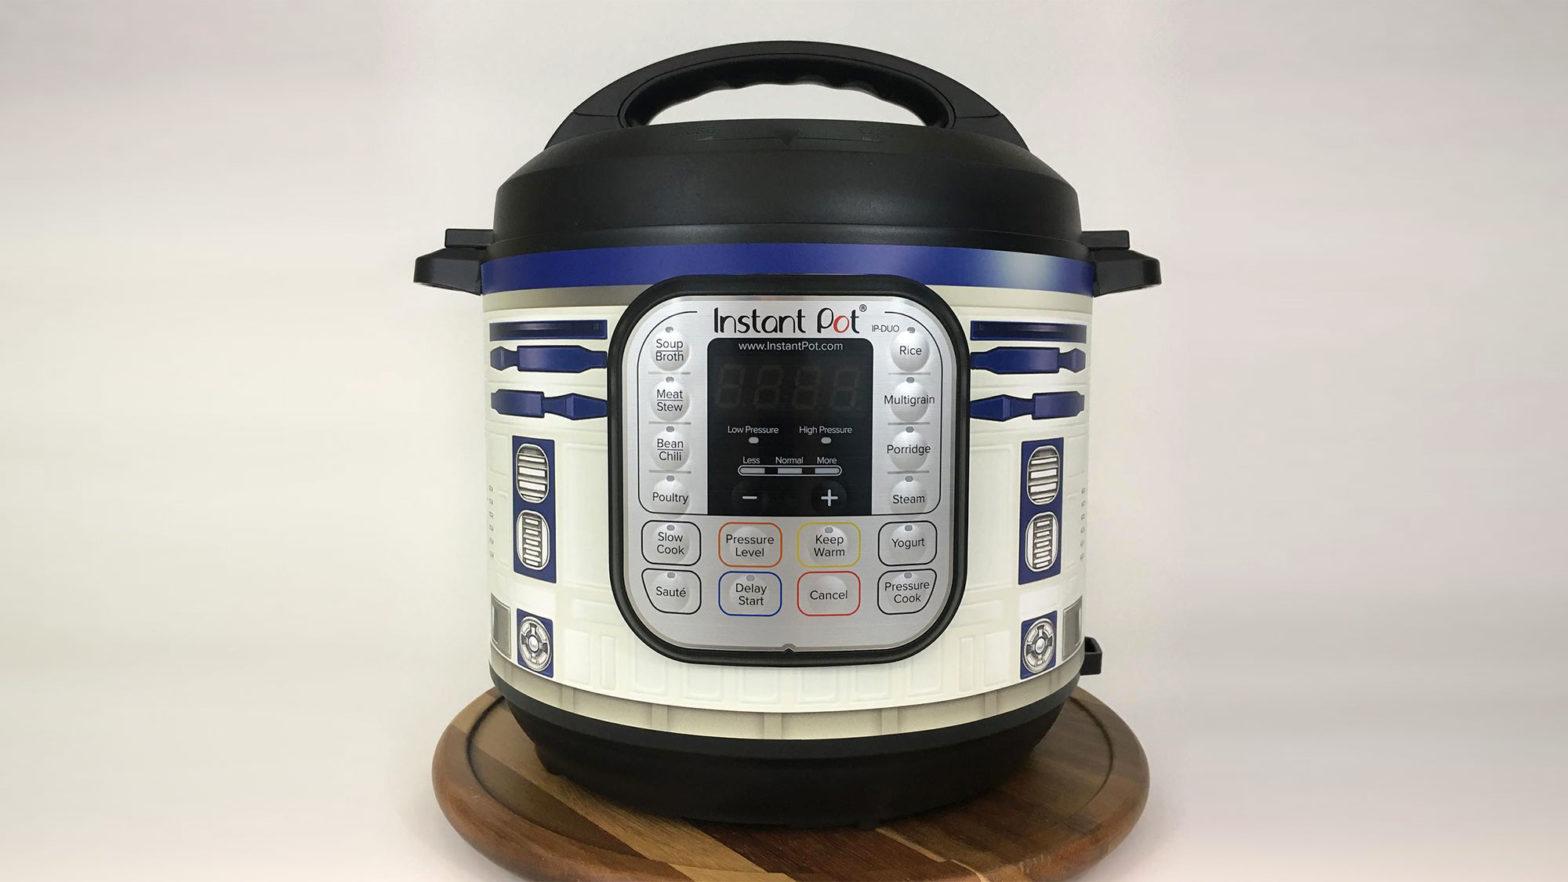 R2-D2 Instant Pot Wrap